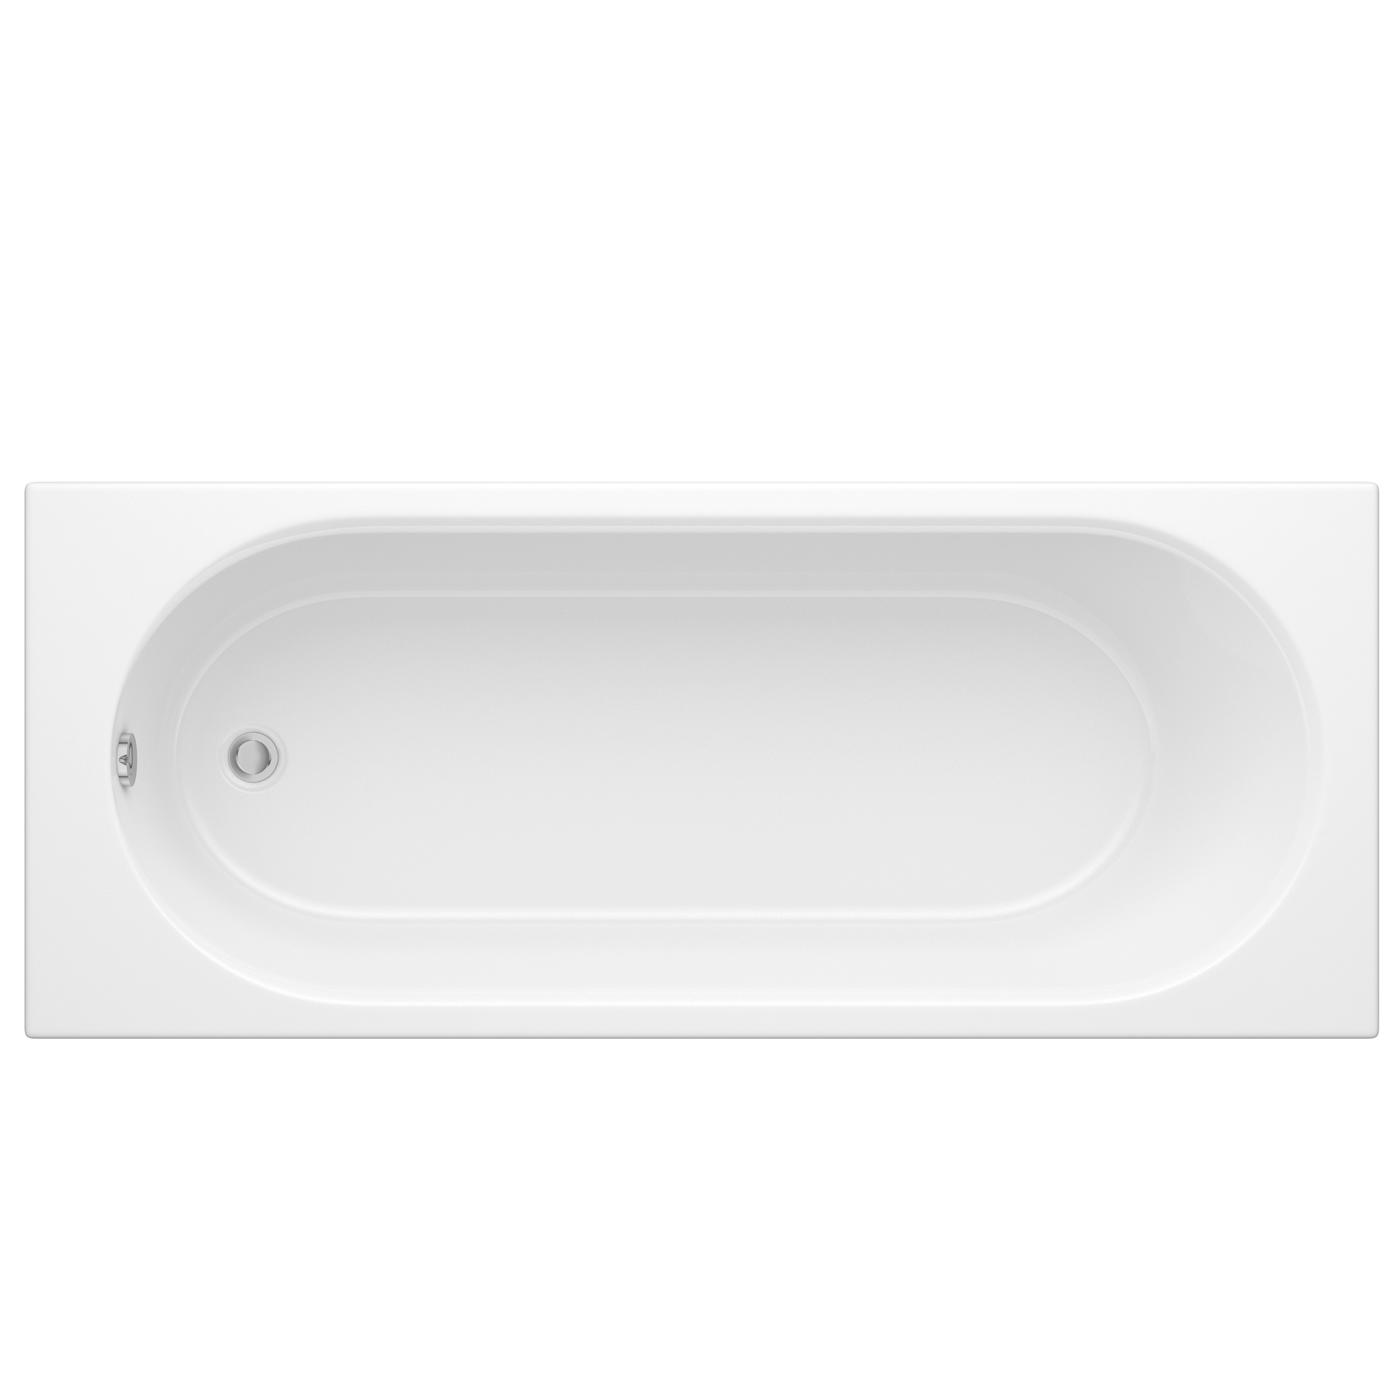 Einbau-Badewanne 1700mm x 700mm